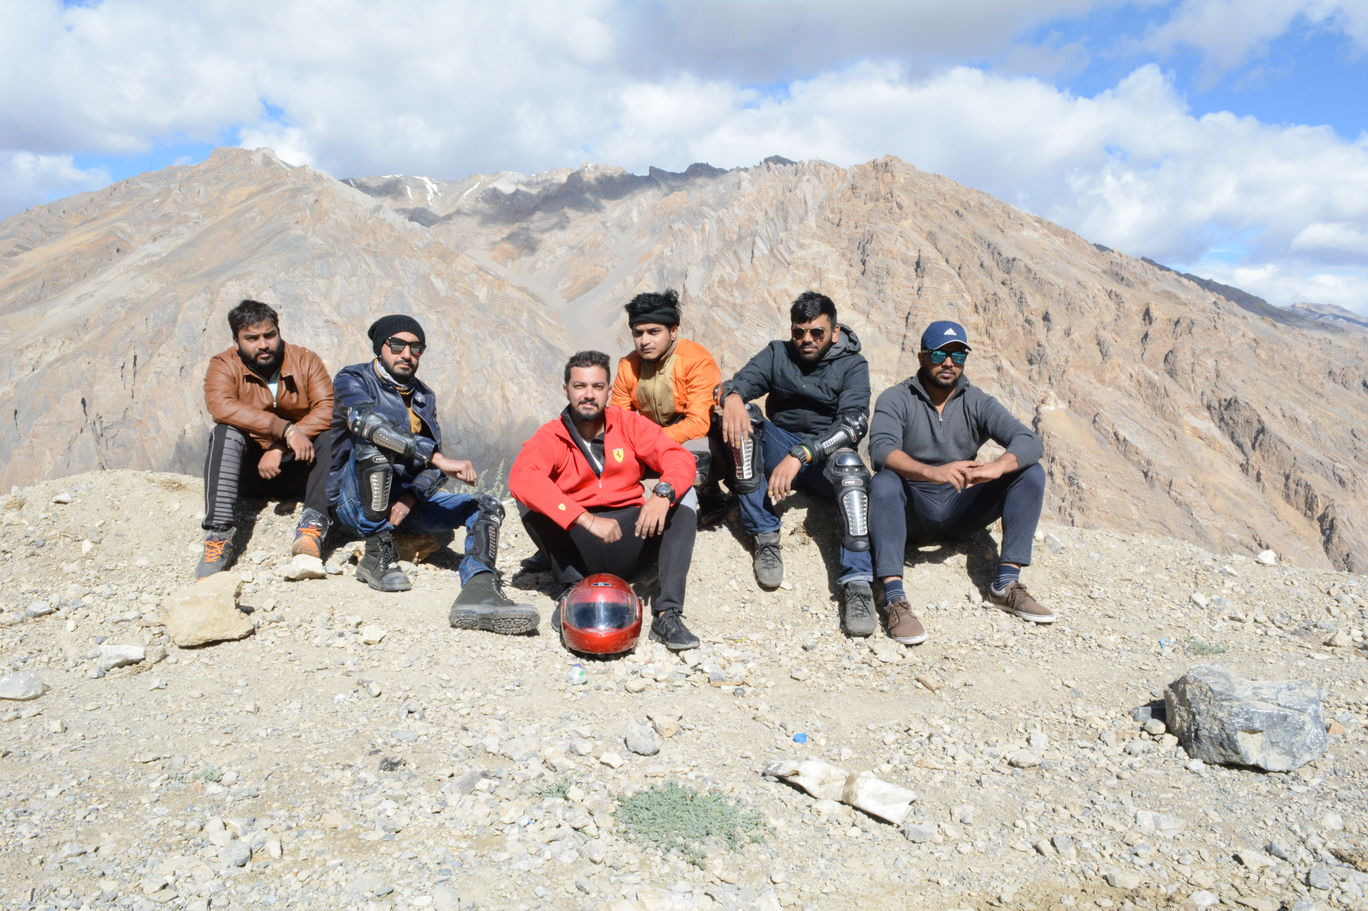 Photo of Ladakh By ashish shukla